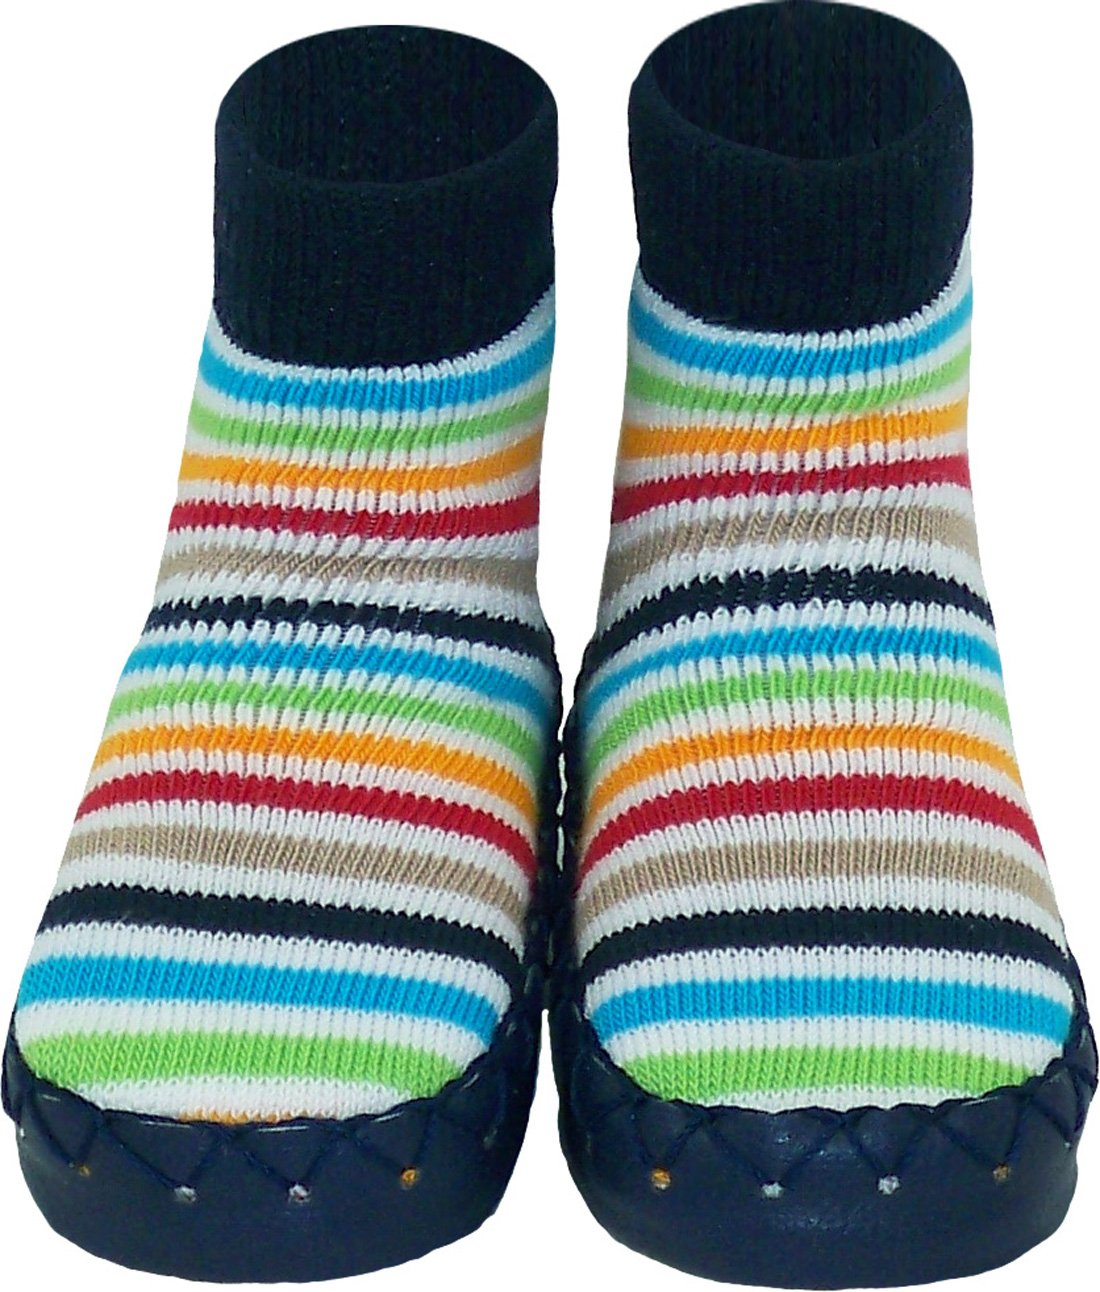 Konfetti Colorful Stripes Moccasins Navy by Konfetti